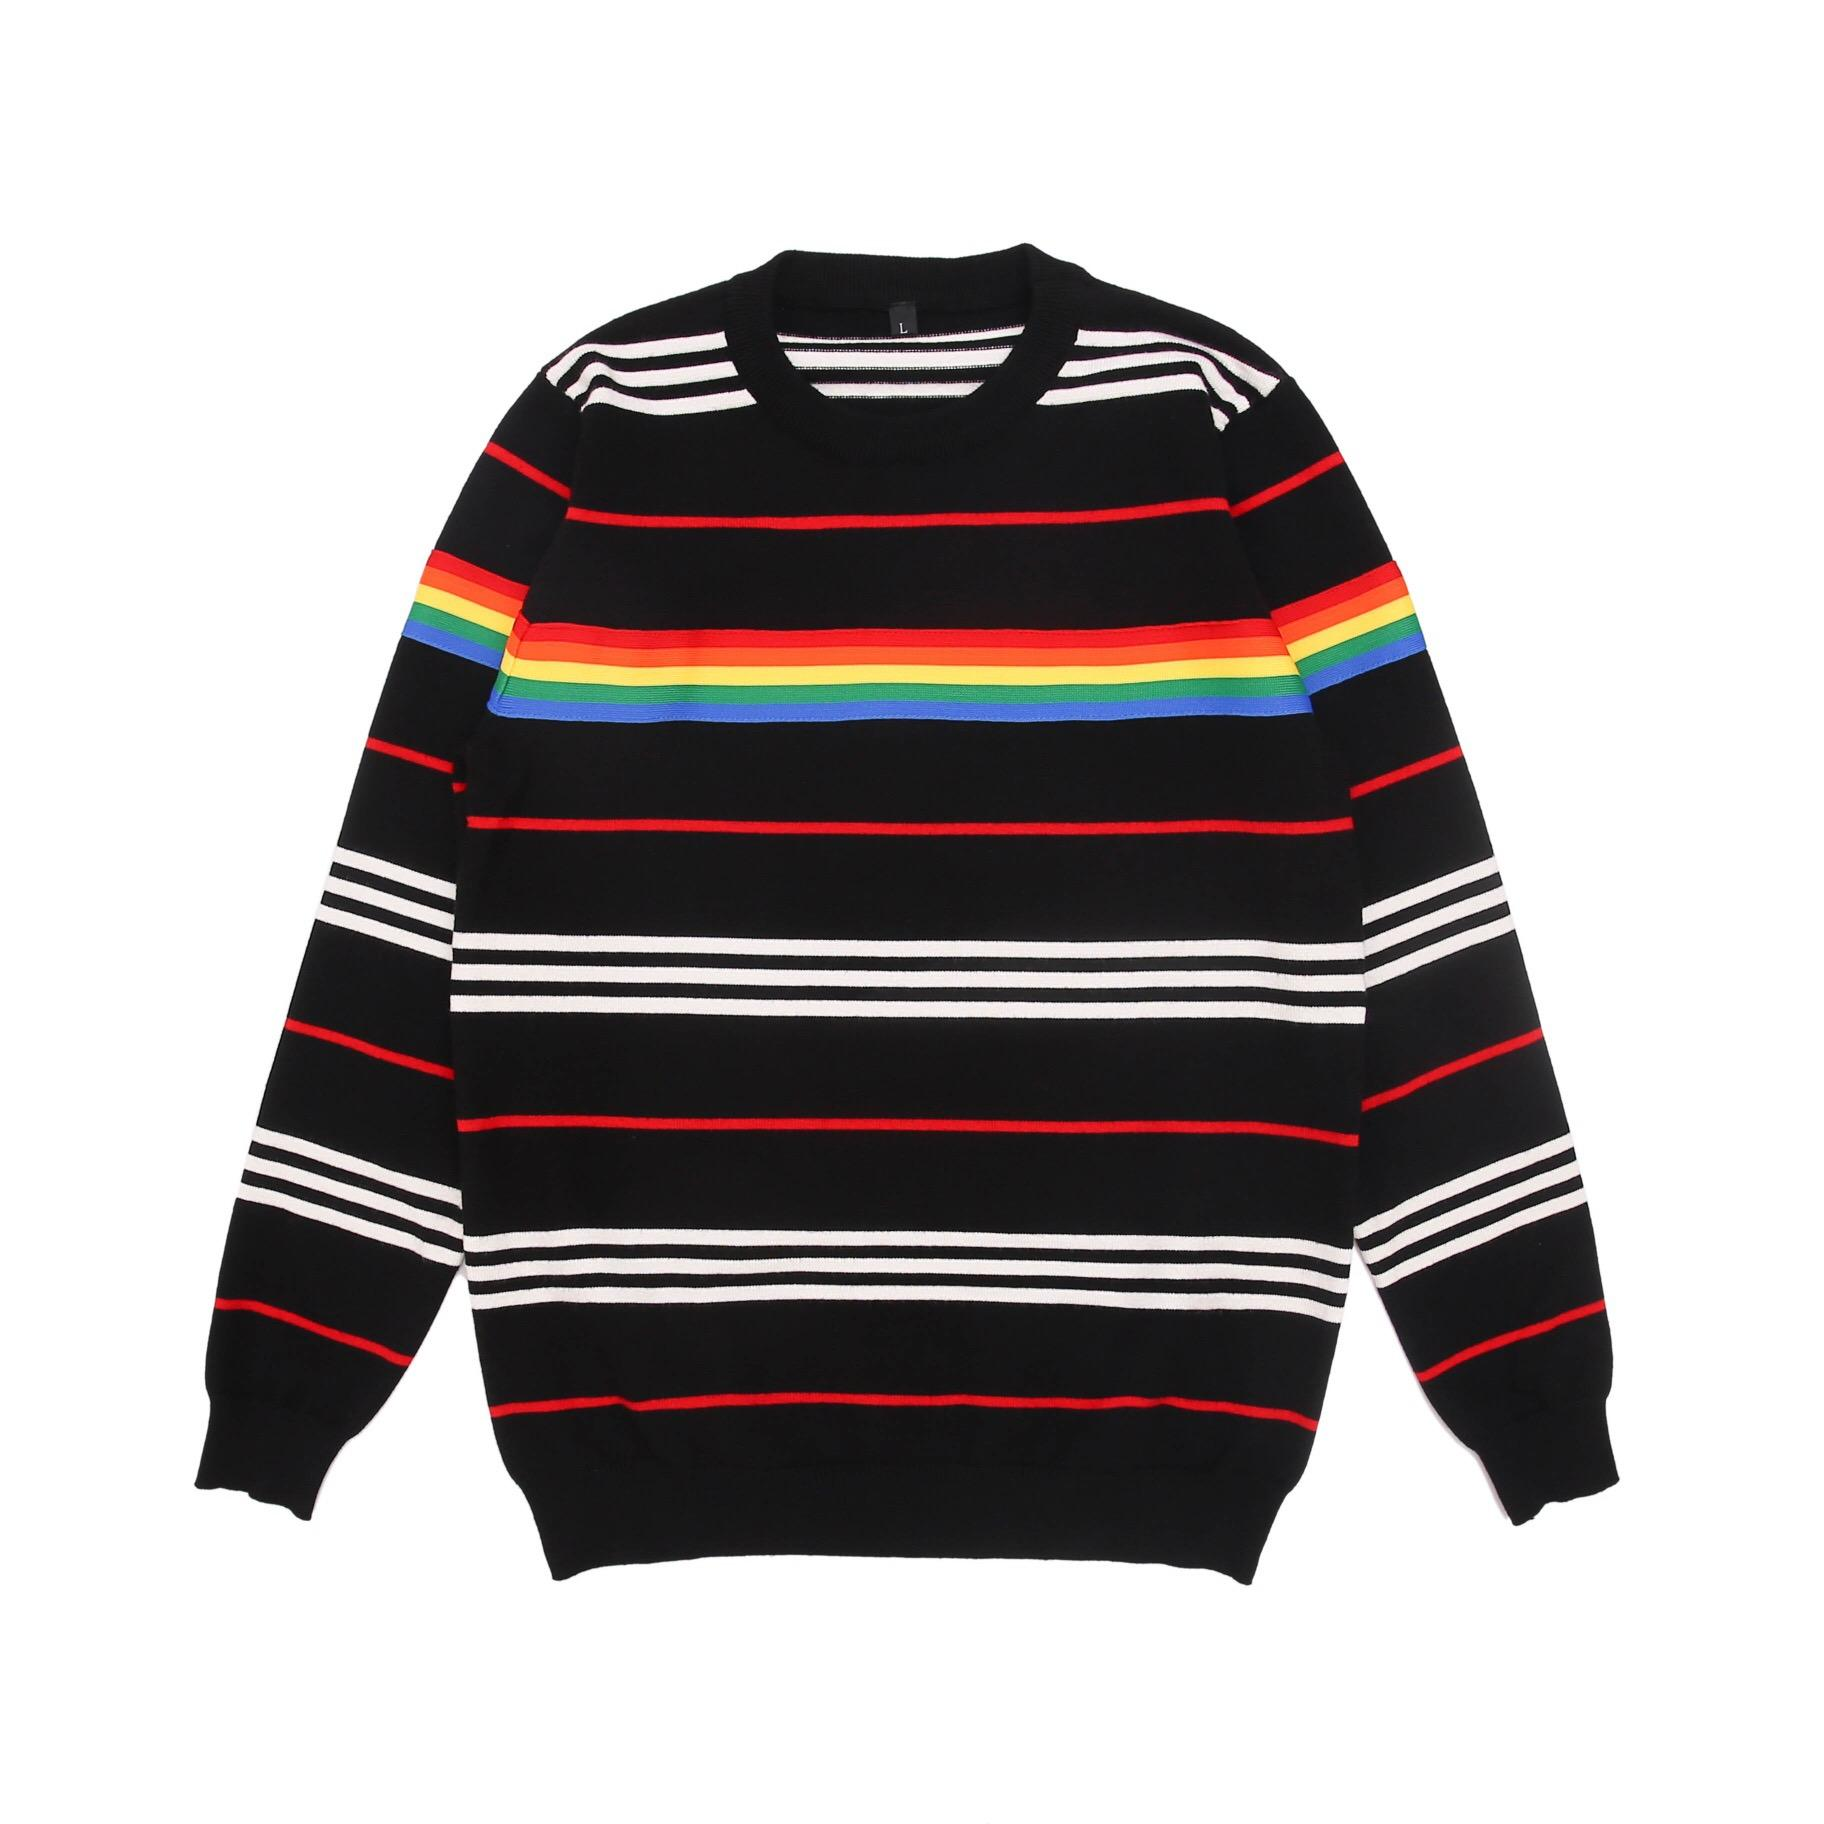 2019 nuevo de la manera cuello redondo de la marca de lujo de la marca suéter suéter suéteres de los hombres suéter a rayas tamaño M-3XL